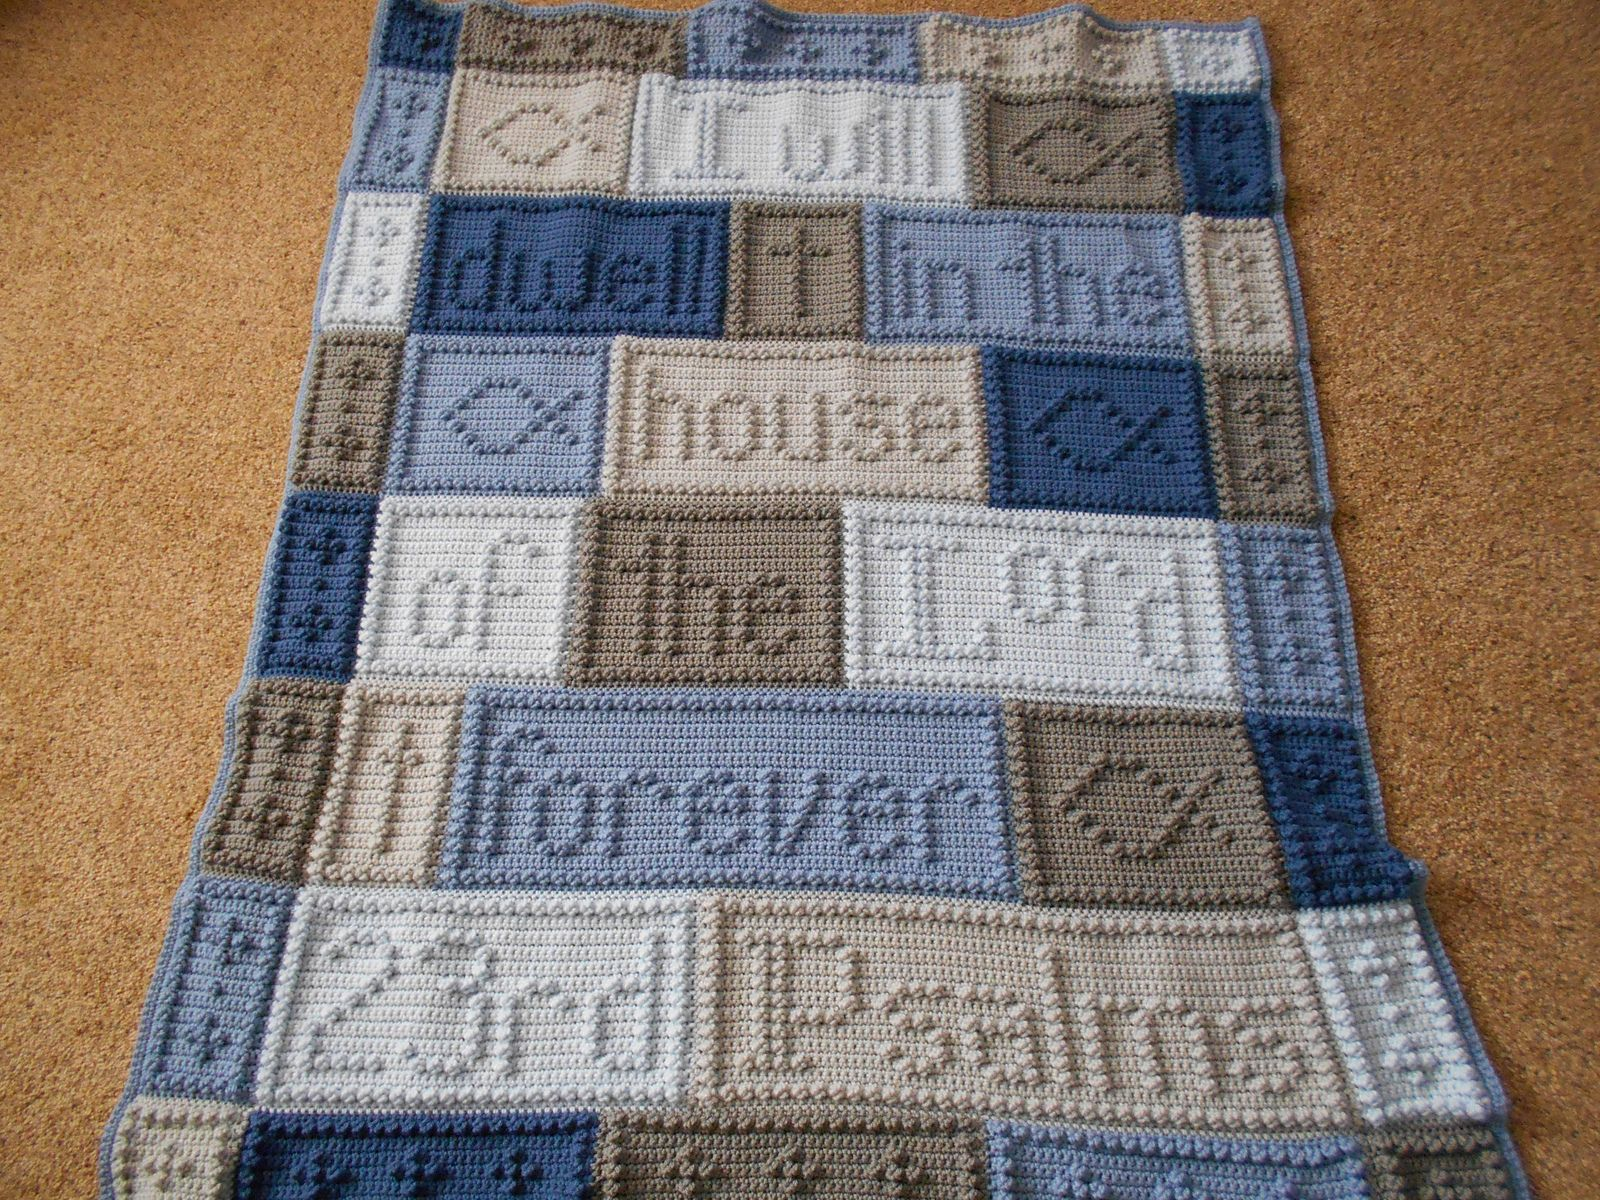 23rd Psalms Blanket Pattern By Jody Pyott Libraries